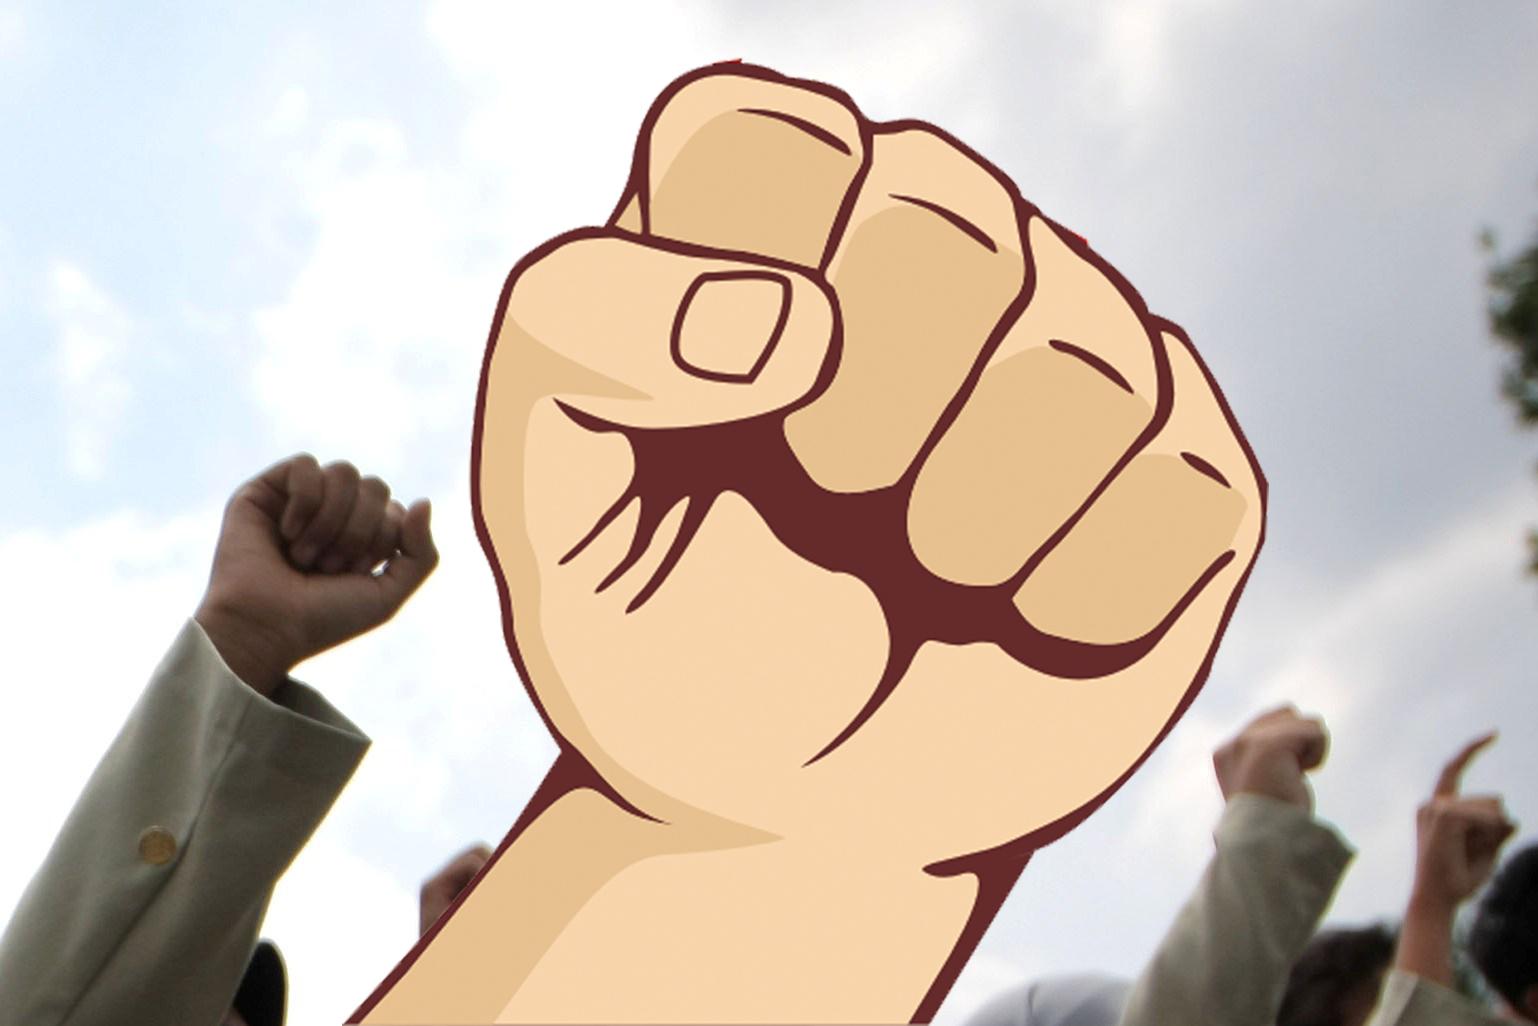 Koleksi Animasi Orang Demo Kantor Meme